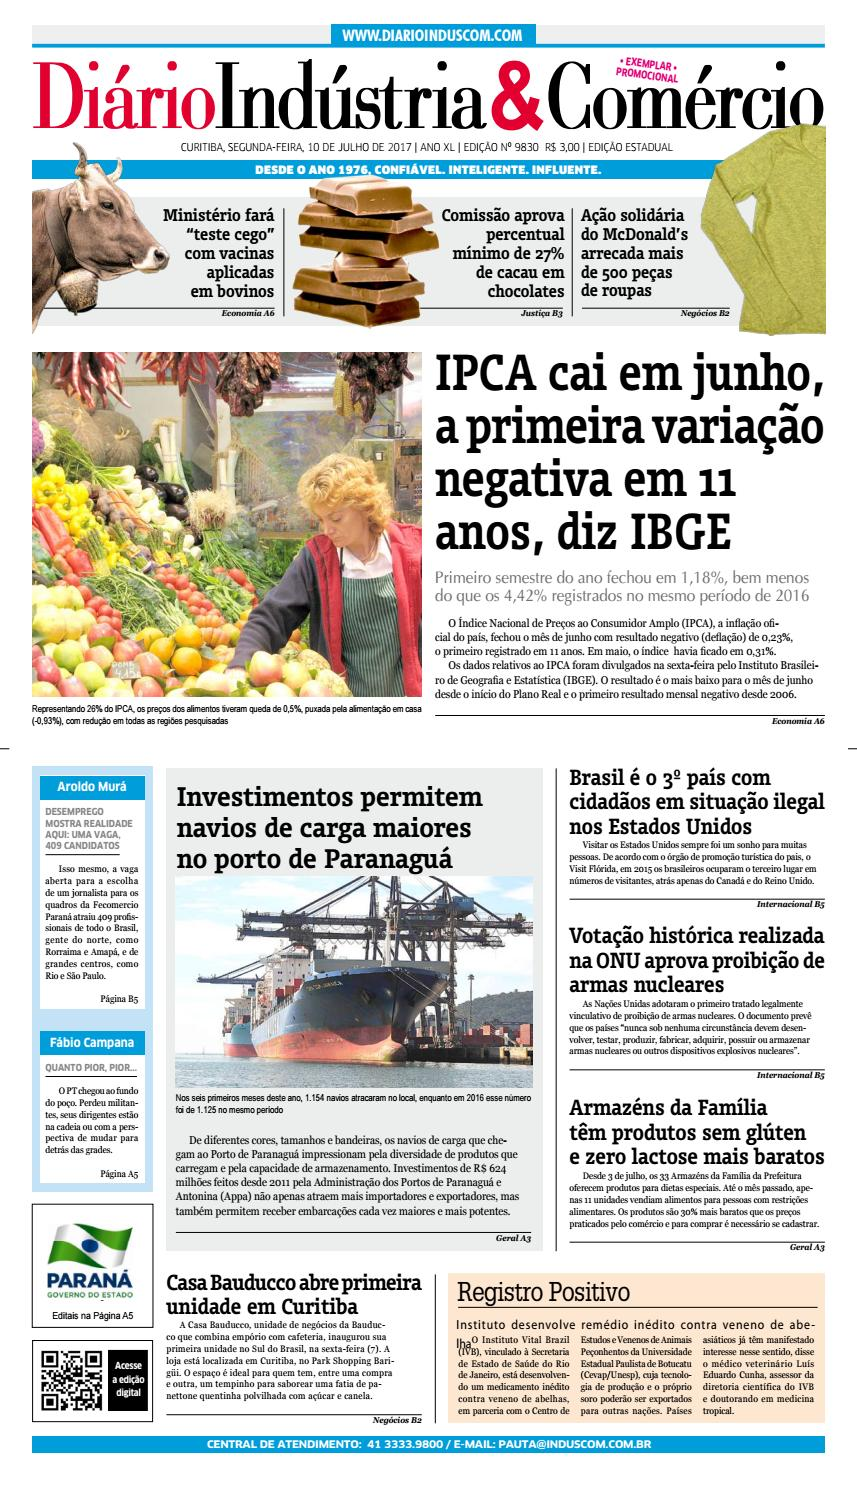 Diário Indústria Comércio - 10 de julho de 2017 by Diário Indústria    Comércio - issuu 41a5511b453